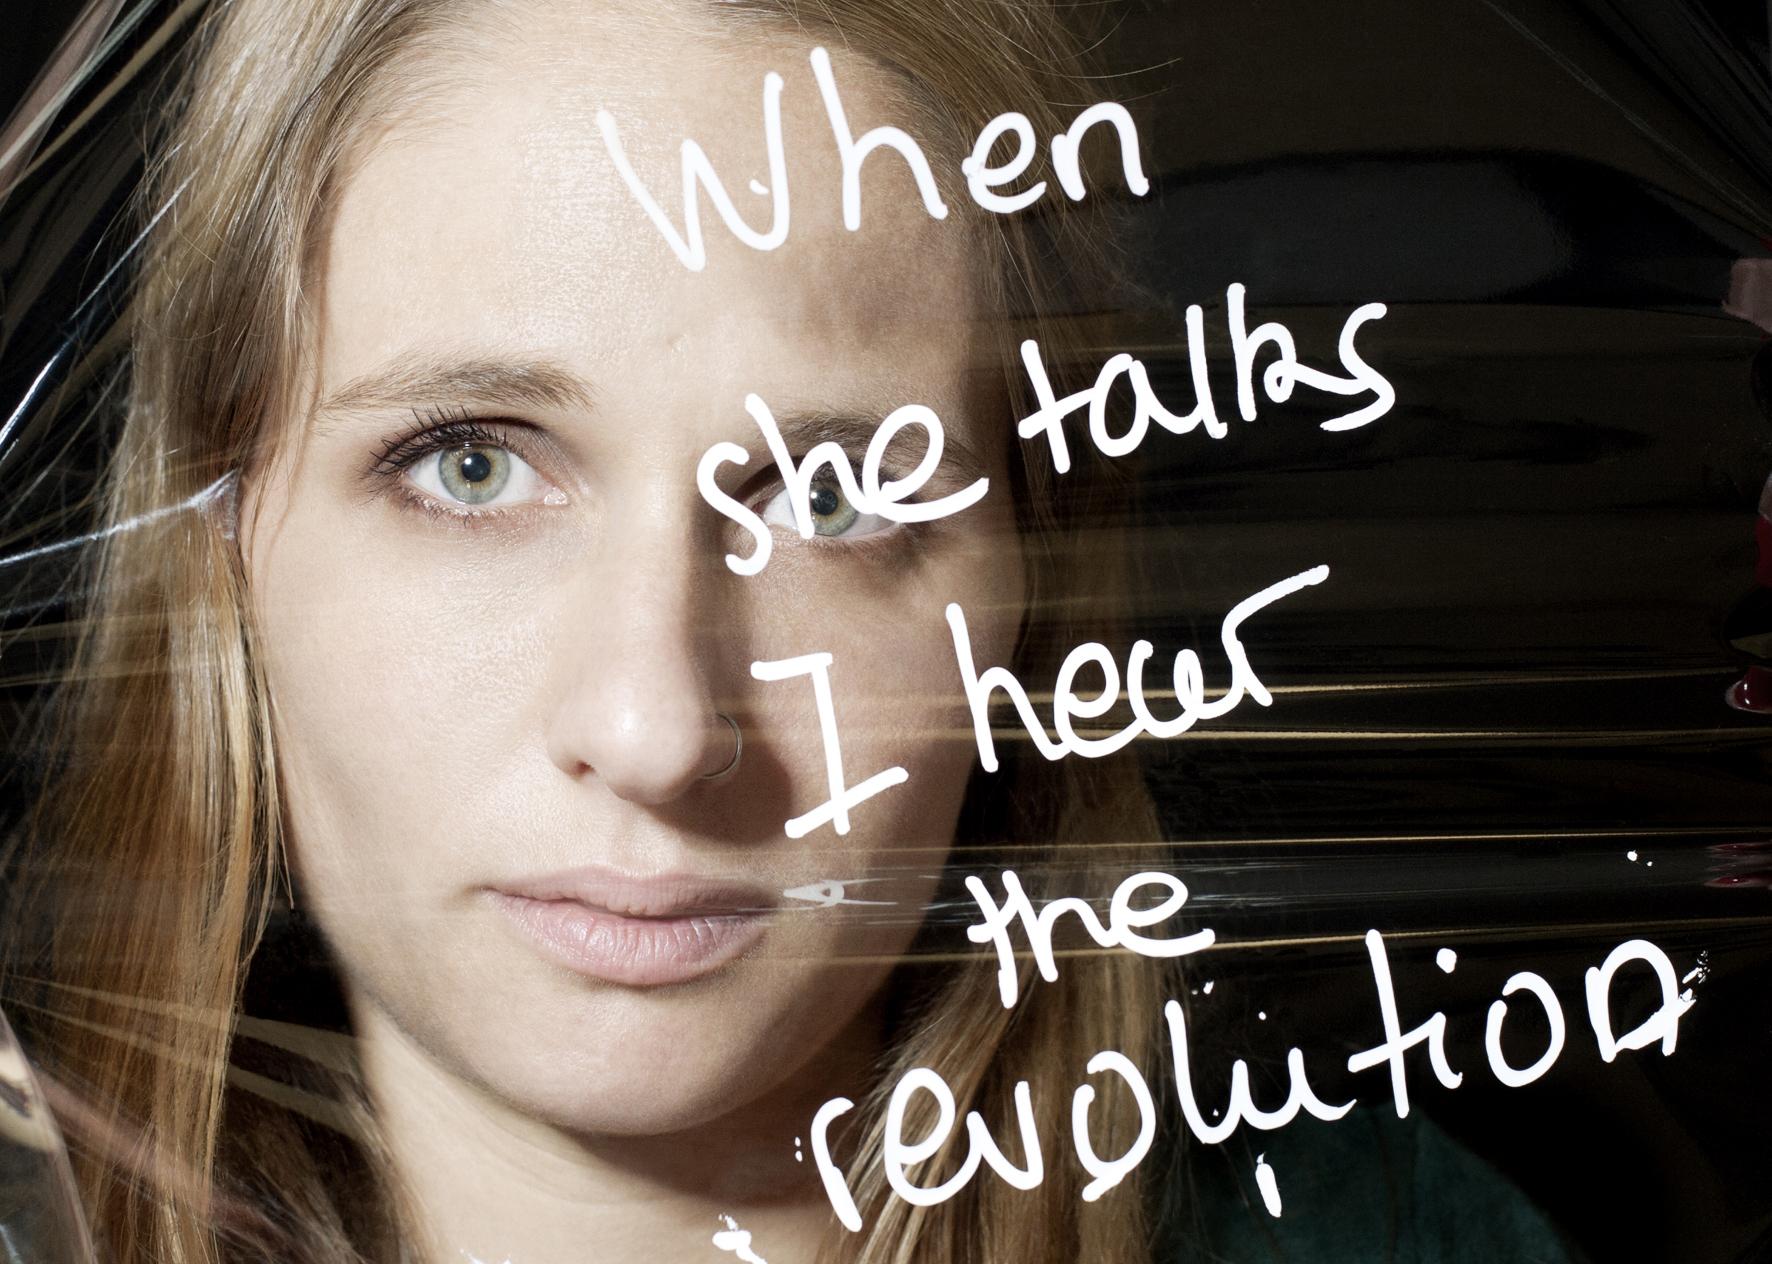 """Éloïse Bouton , militante féministe et journaliste indépendante,  """"when she talks I hear the revolution""""  , extraite de la chanson  Rebel Girl de Bikini Kill © PORTRAIT_PAROLE, 2016, Samantha Barroero (textes) & Susanne Junker (photos)."""